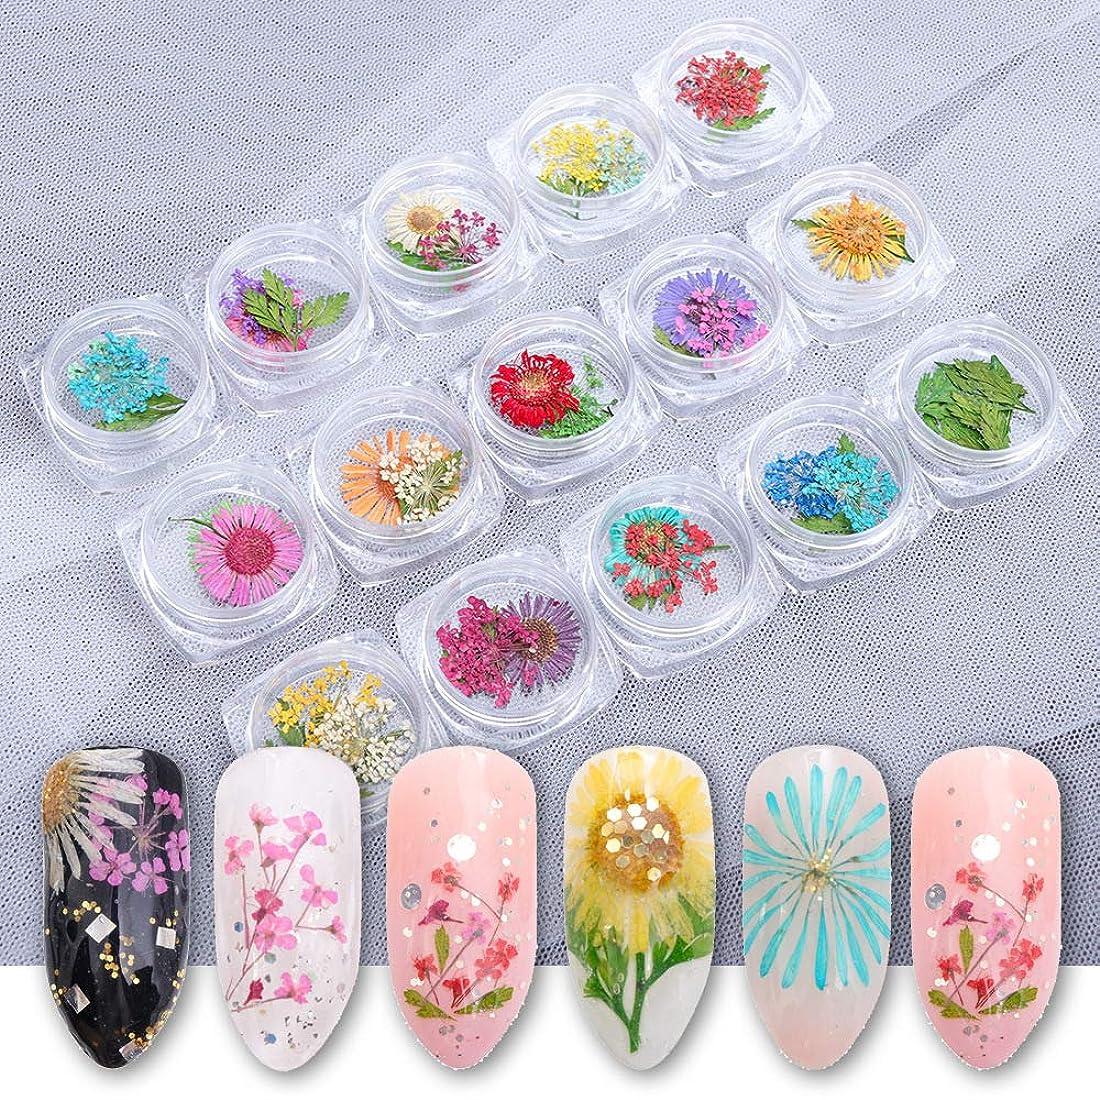 世界記録のギネスブックリーダーシップ欠如15箱ネイルステッカーの装飾の星空と5枚の花弁の花のための高品質の押された花15次元3Dカラーアップリケネイルシール用品15色(花+葉)